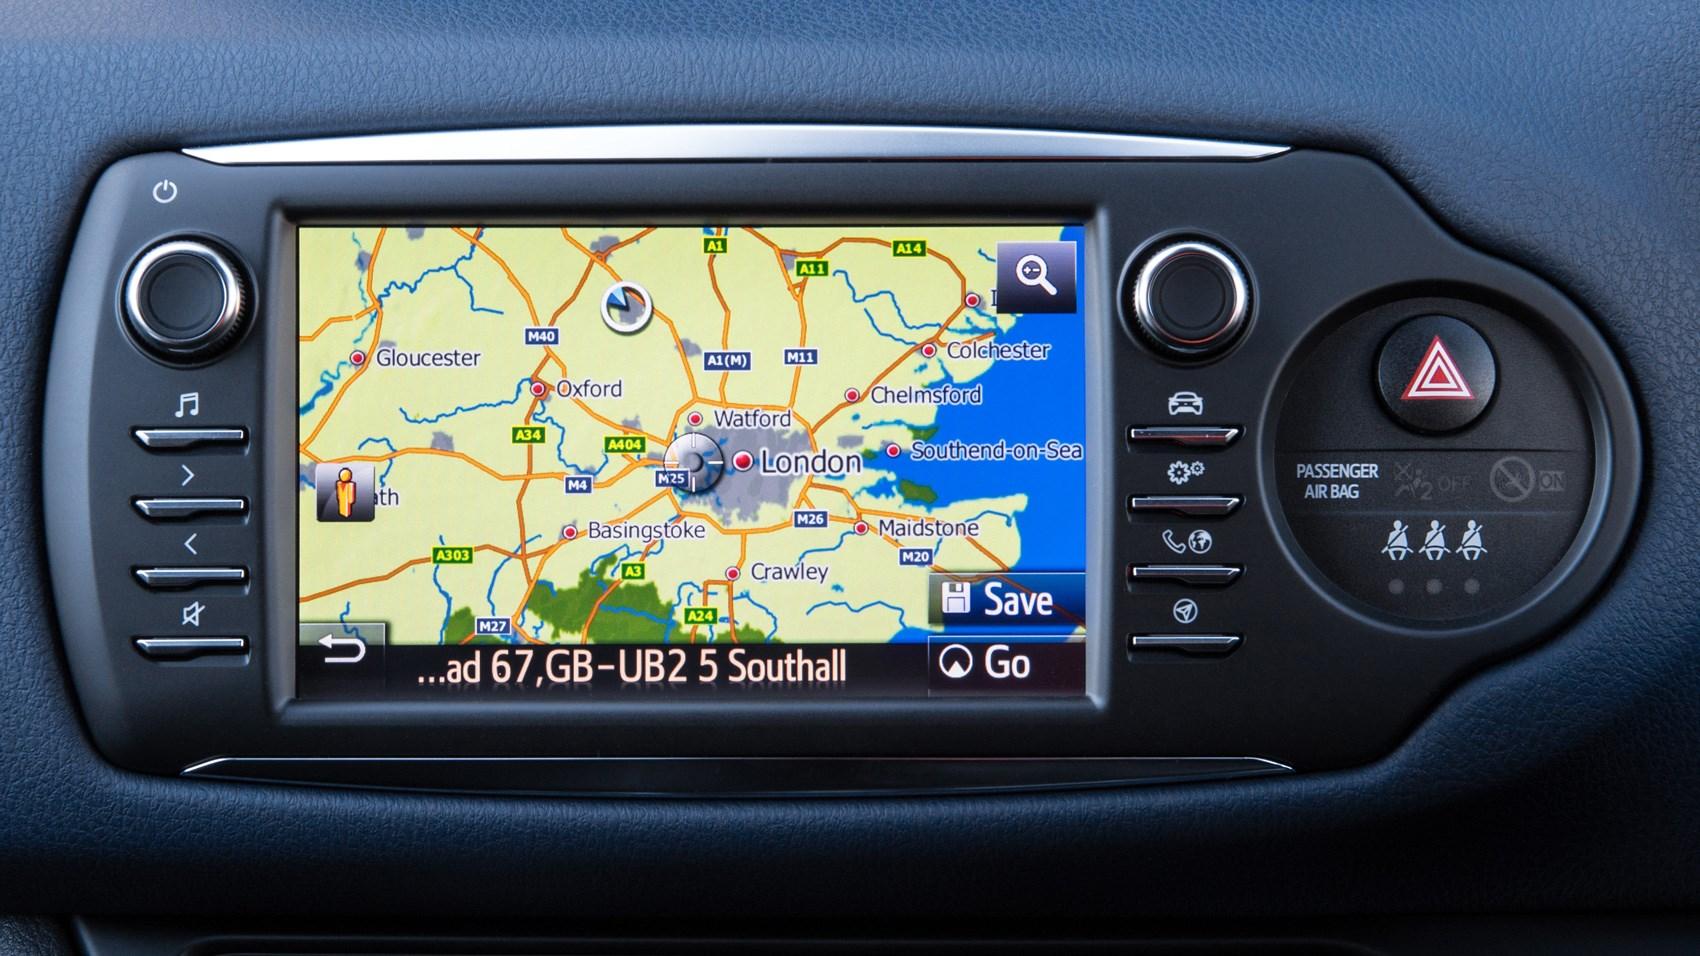 Toyota Yaris UK infotainment